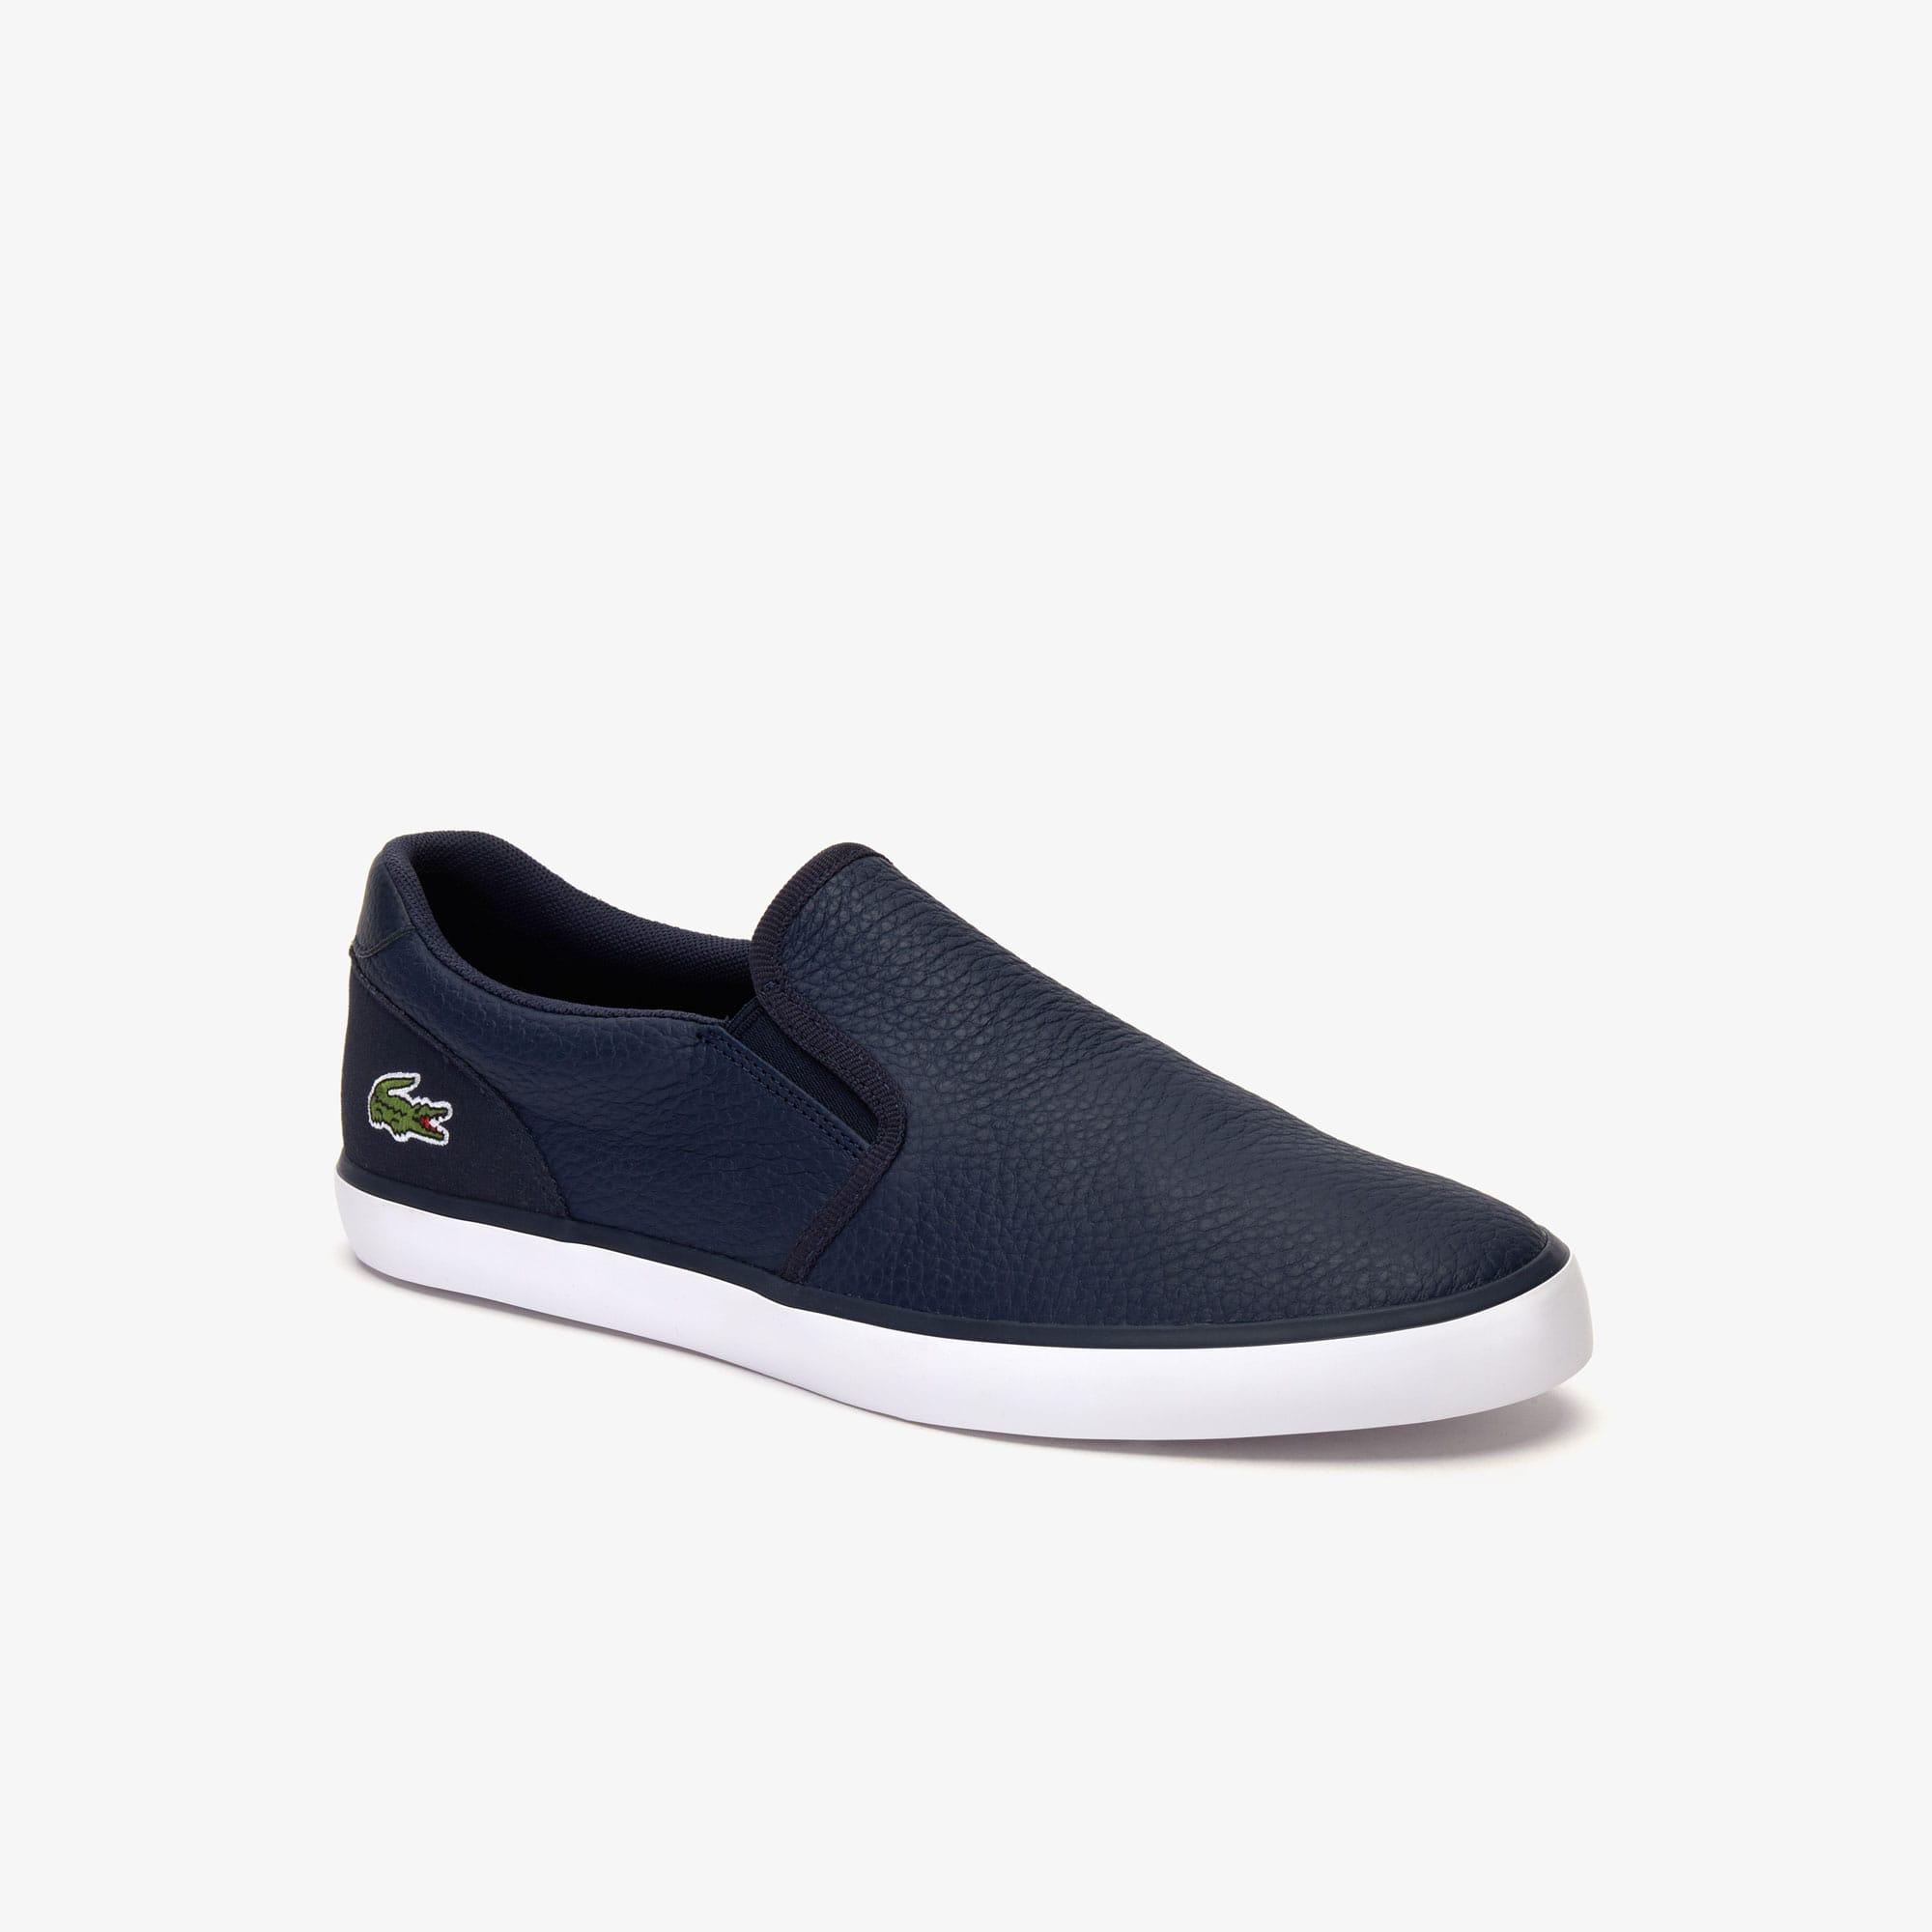 élégant et gracieux officiel de vente chaude chaussures d'automne Men's Shoes | Shoes for Men | LACOSTE